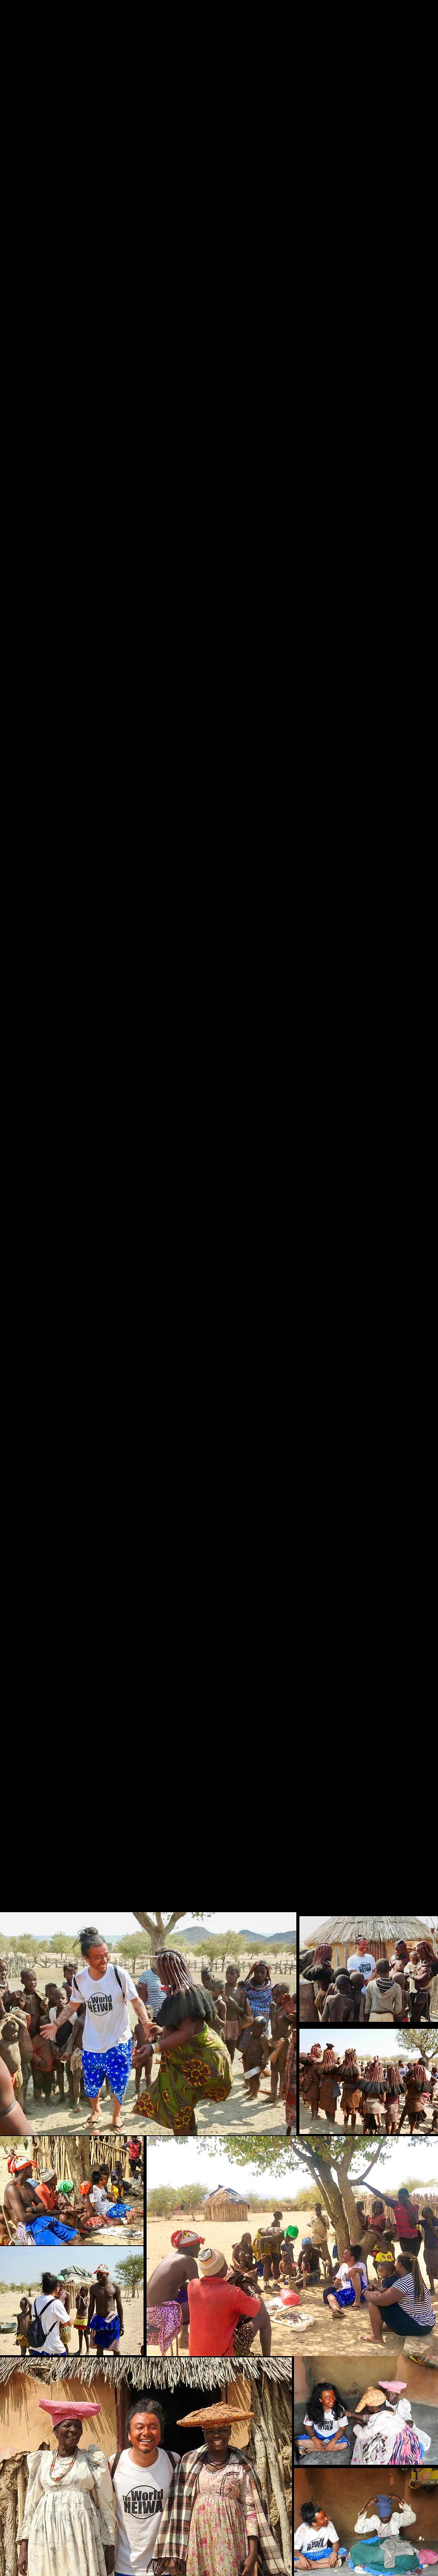 図63.png